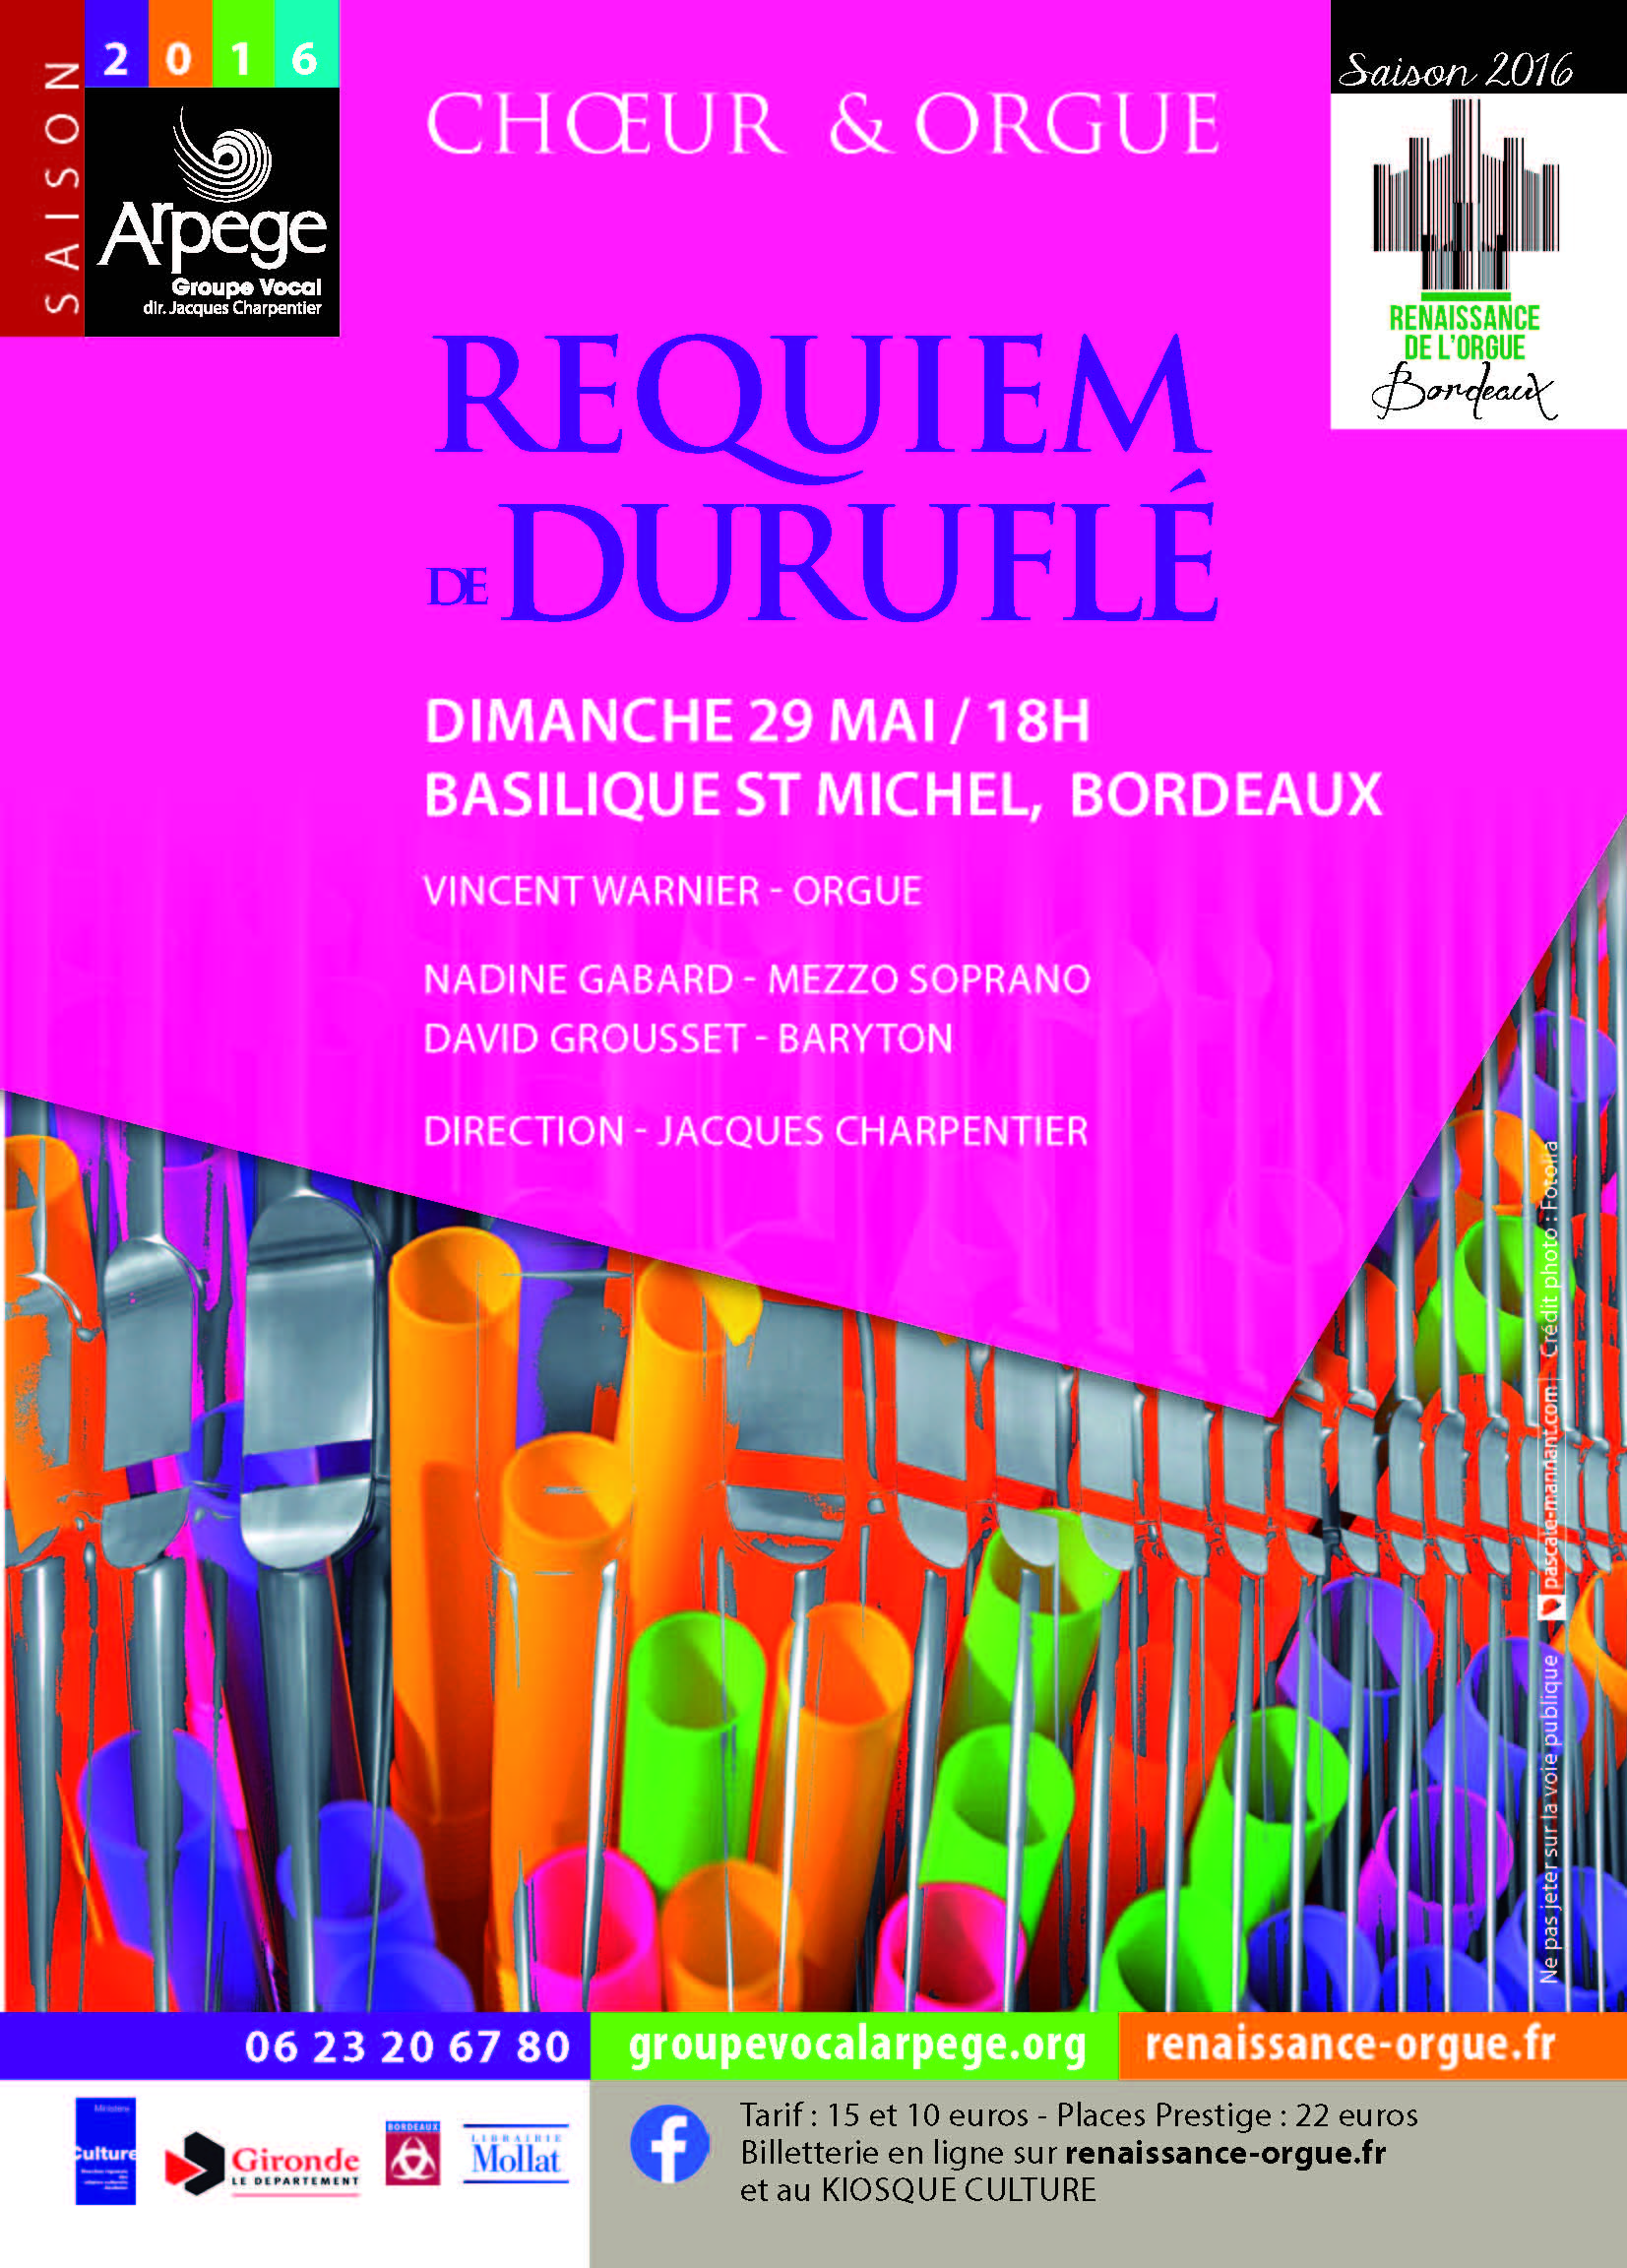 Arpege Duruflé